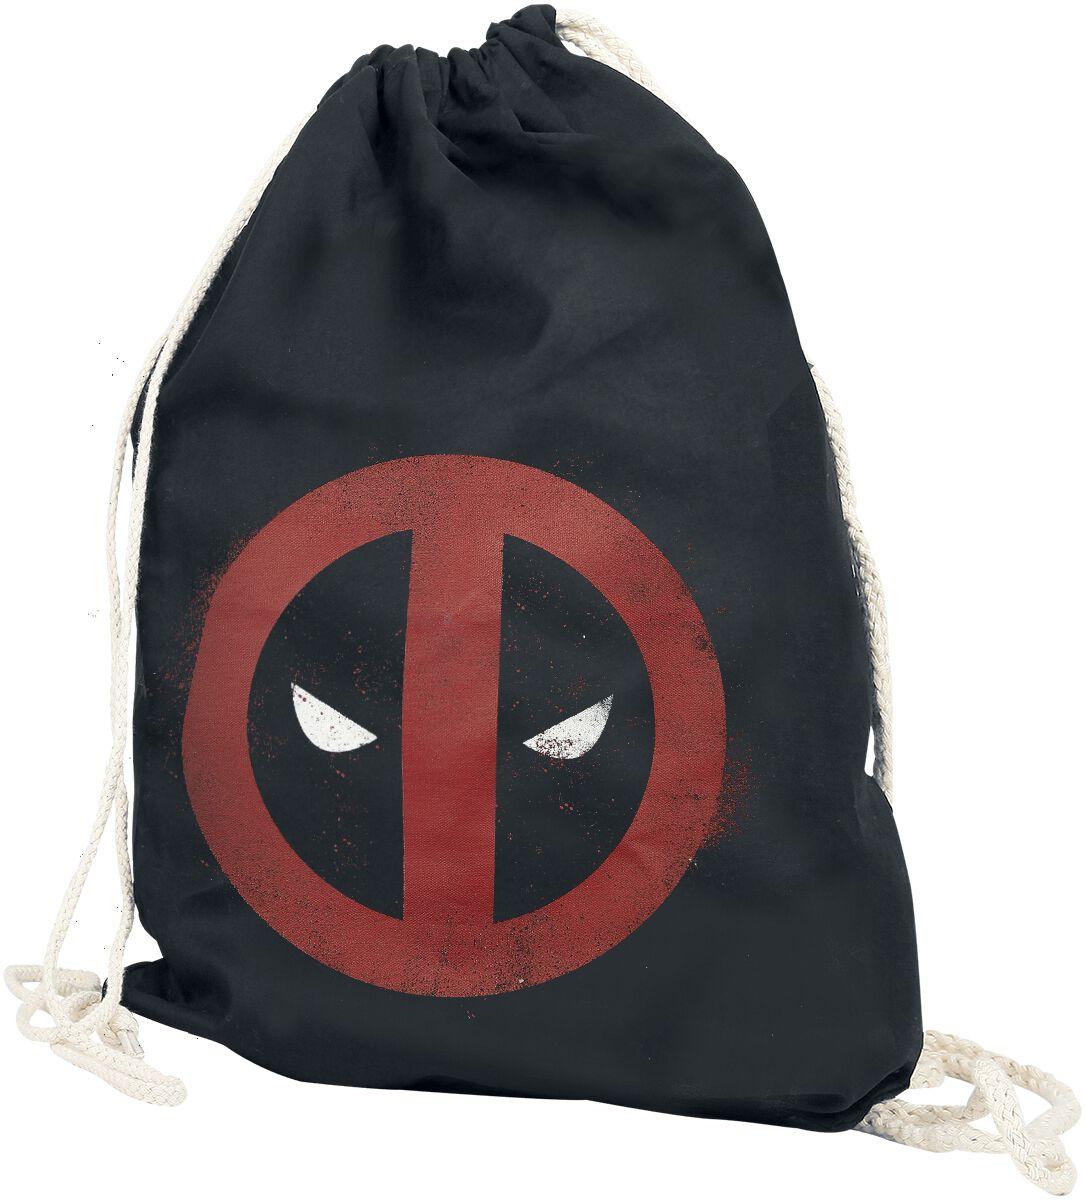 Sporttaschen für Frauen - Deadpool Splatter Logo Turnbeutel schwarz  - Onlineshop EMP